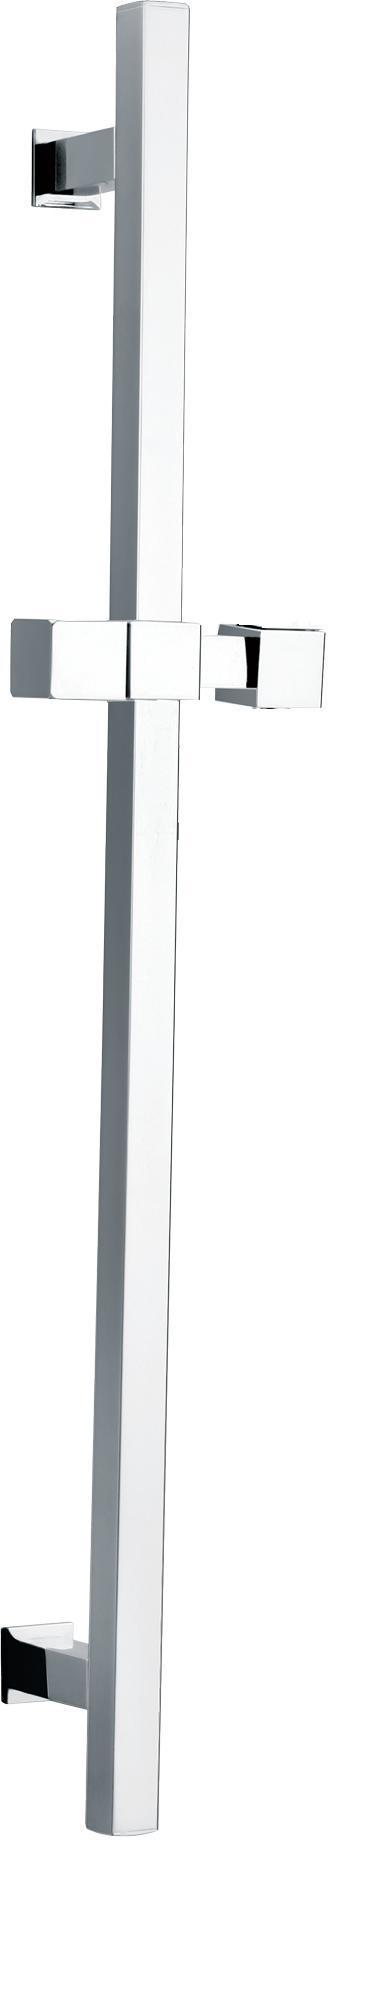 STYLE SR 31 Arttec Posuvný držák na ruční sprchu